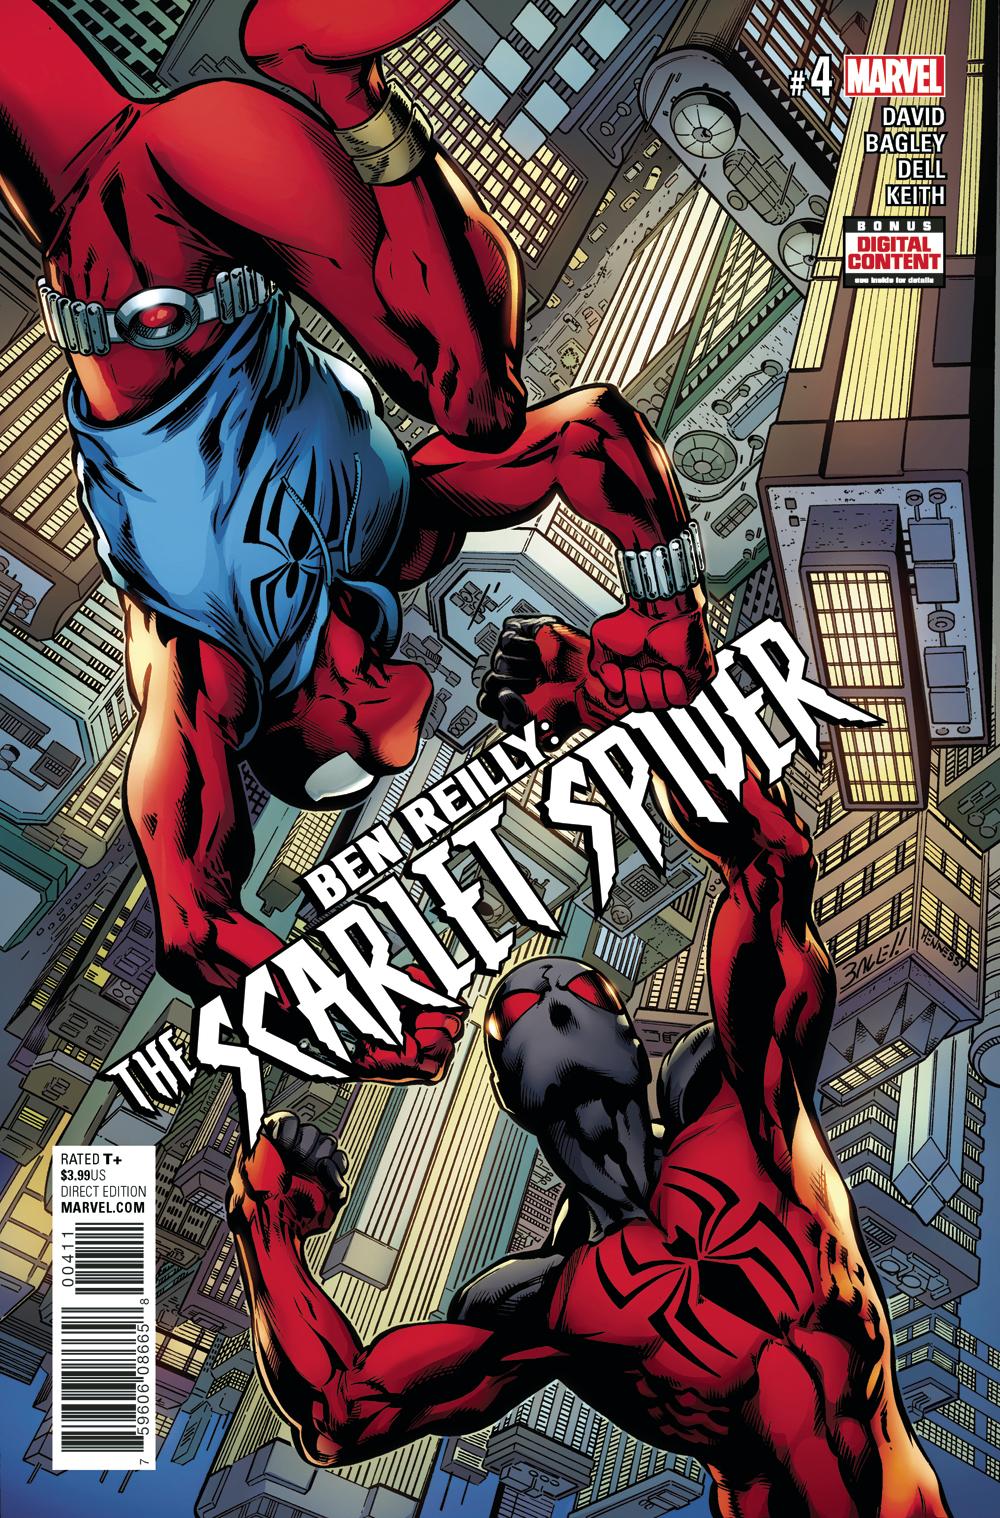 APR171010 - BEN REILLY SCARLET SPIDER #4 - Previews World